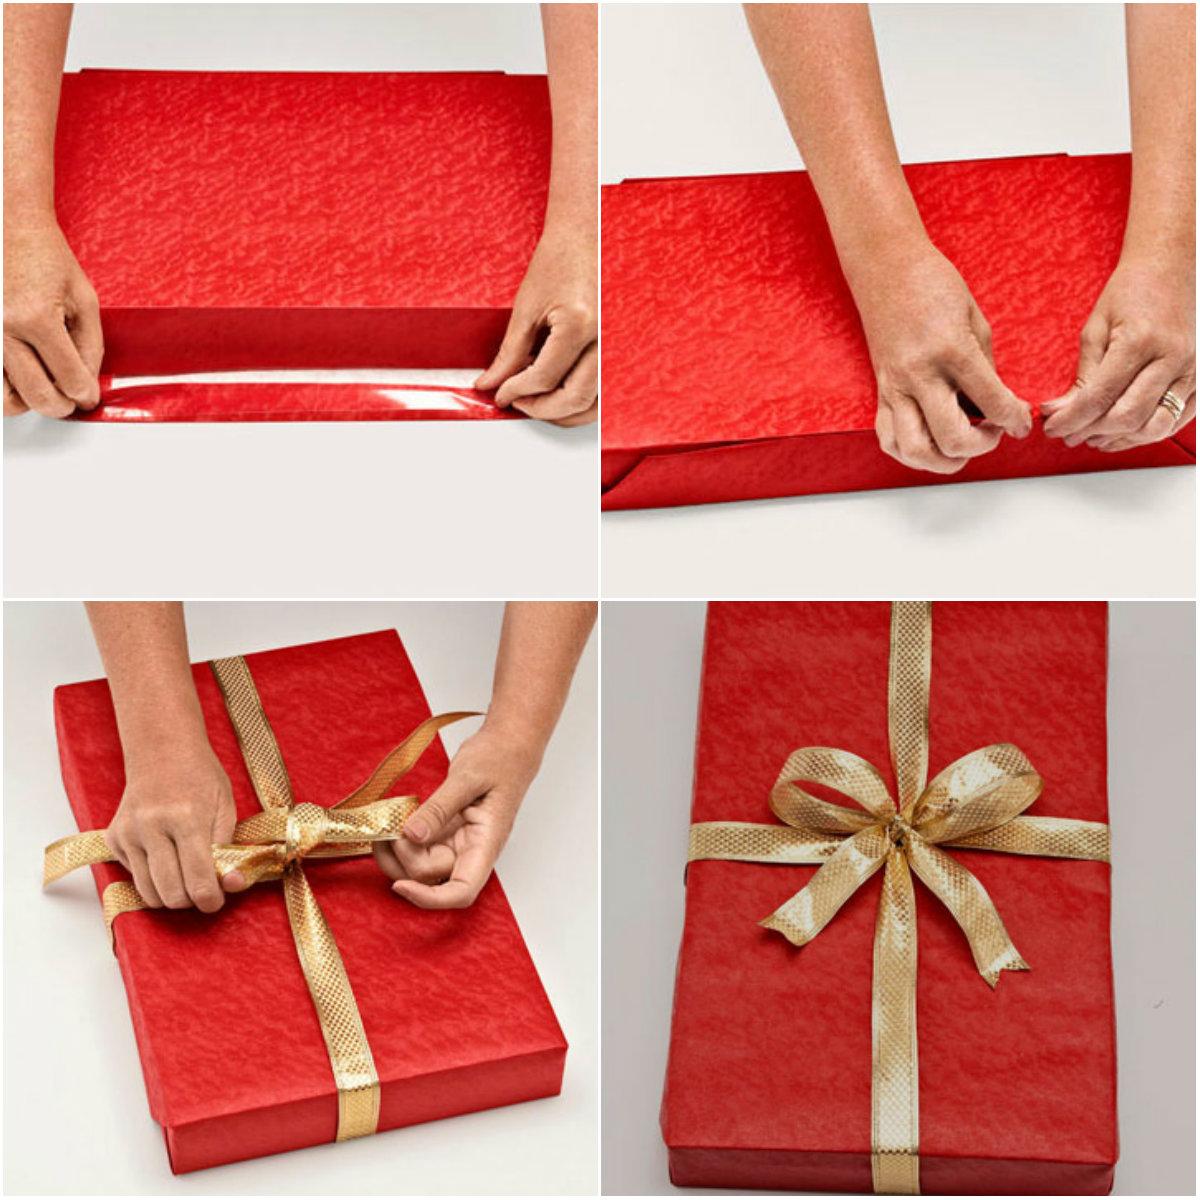 Как красиво упаковать картину как подарок 54